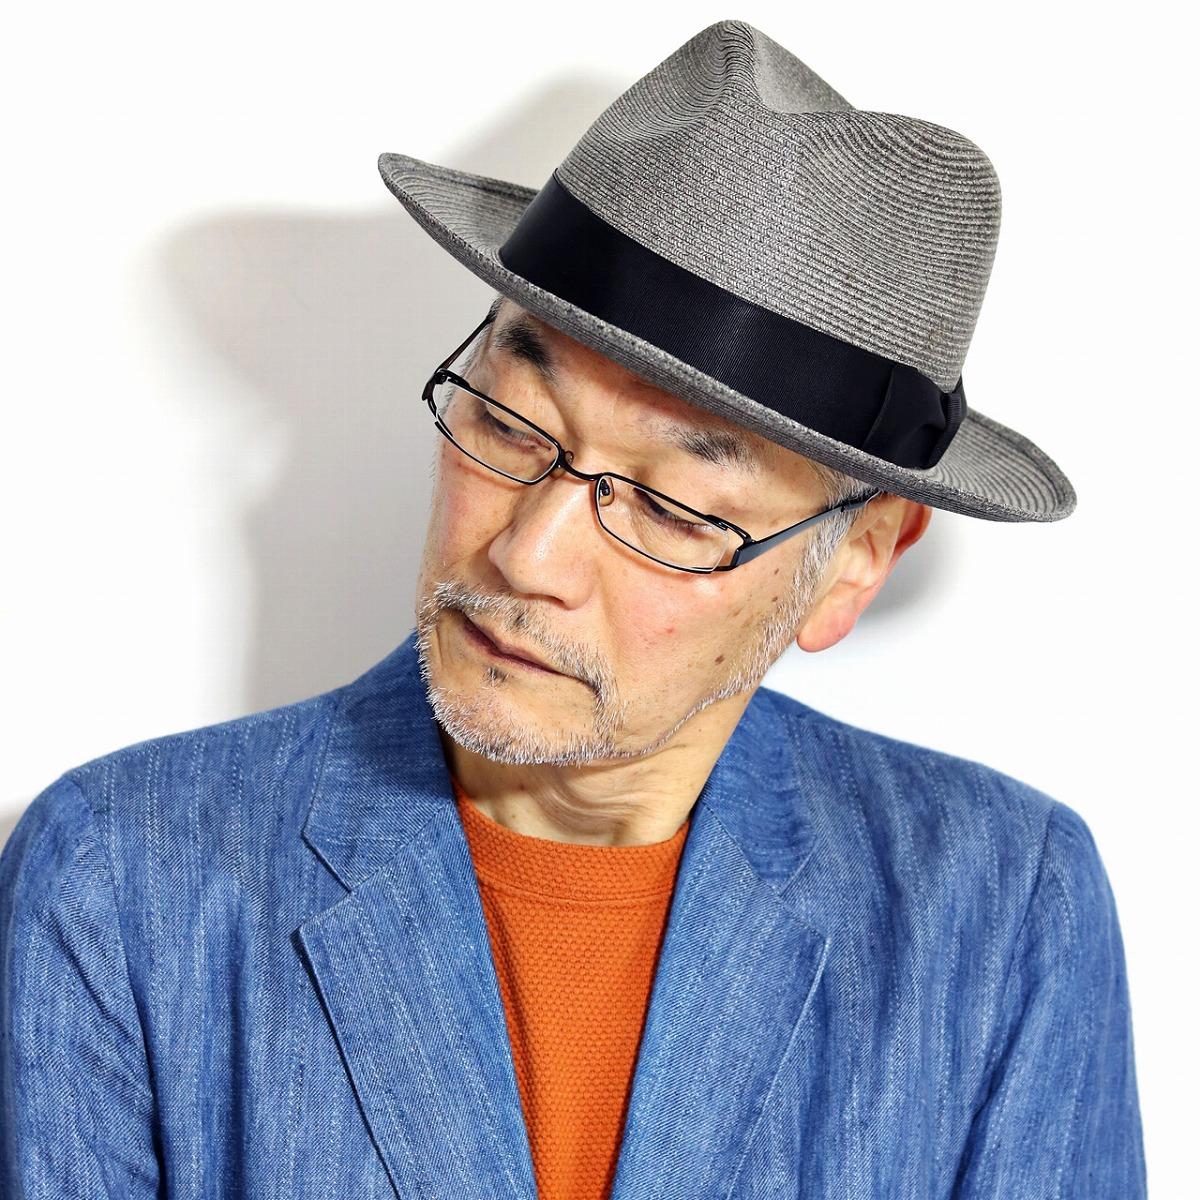 ノックス ストローハット 大きいサイズ KNOX 春 夏 麦わら帽子 リボン 日本製 ペーパーブレード 紳士 中折れ帽 涼しい 海外ブランド 紙 帽子 ペーパーハット メンズ 58cm 60cm 62cm / グレー[ fedora ][ straw hat ]父の日 ギフト プレゼント ラッピング無料